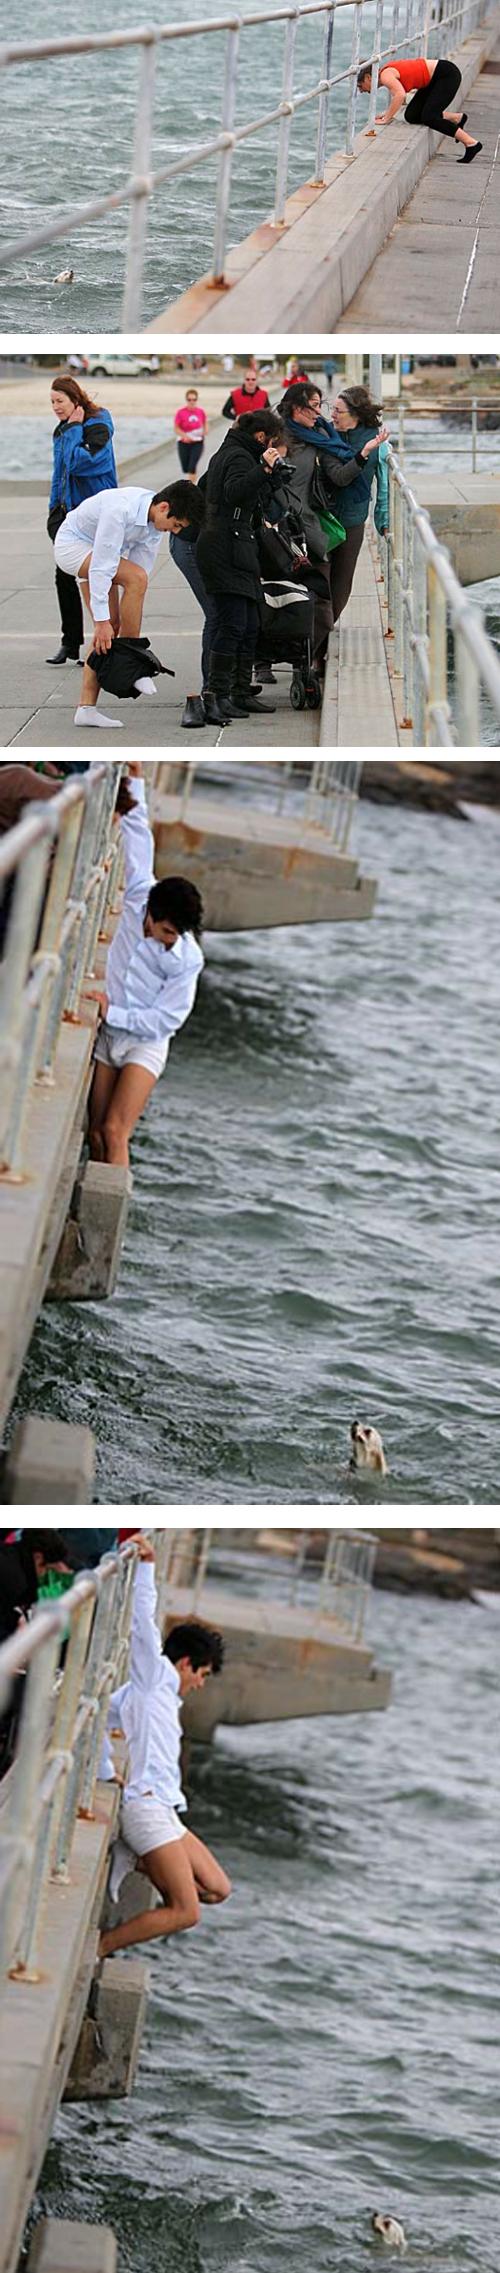 心温まる画像まとめ 見ず知らずの人の犬のために、海に飛び込む心優しき青年